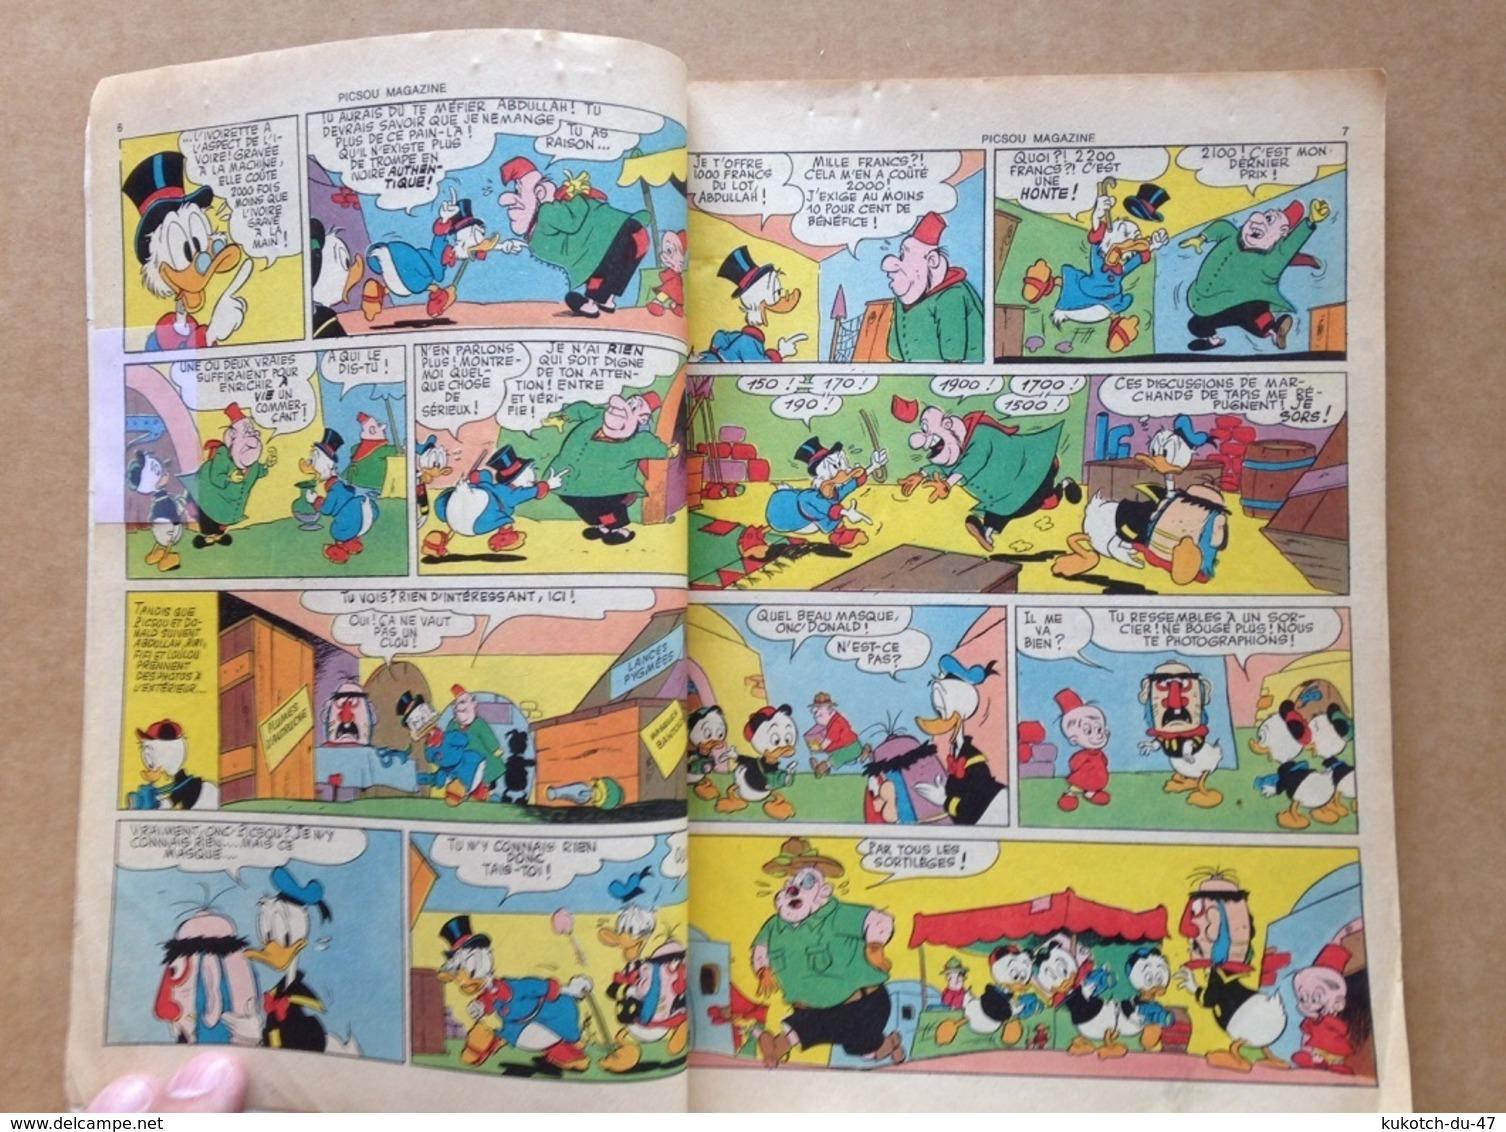 Disney - Picsou Magazine - Année 1975 - N°38 - Picsou Magazine